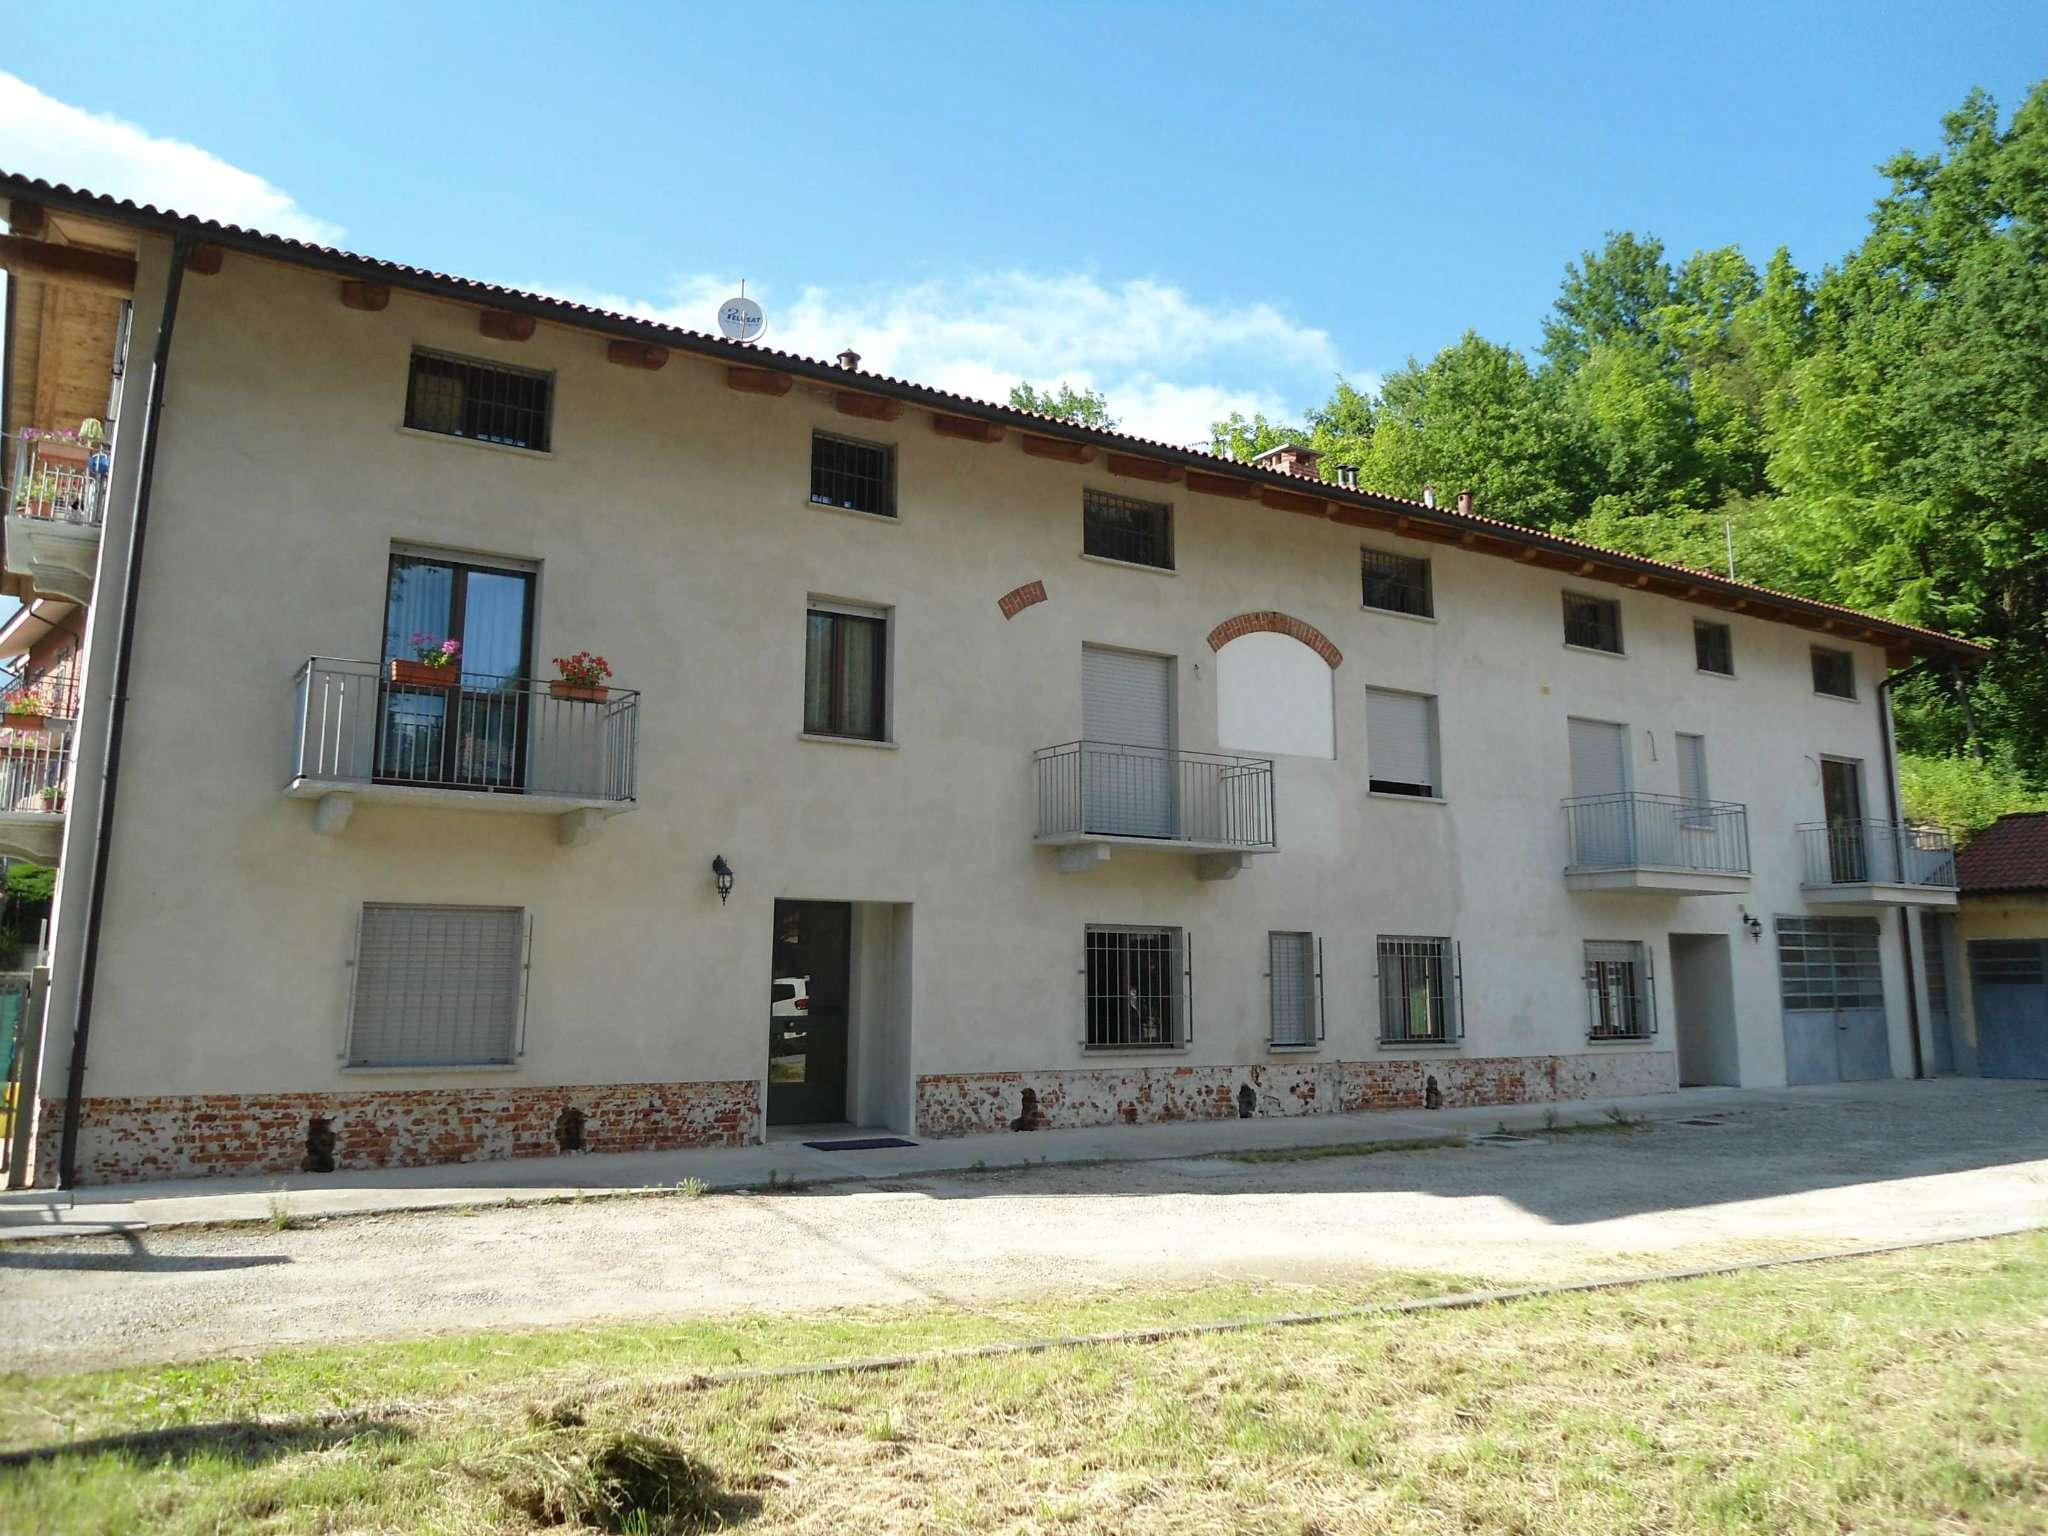 Appartamento in vendita a Ferrere, 3 locali, prezzo € 50.000 | CambioCasa.it